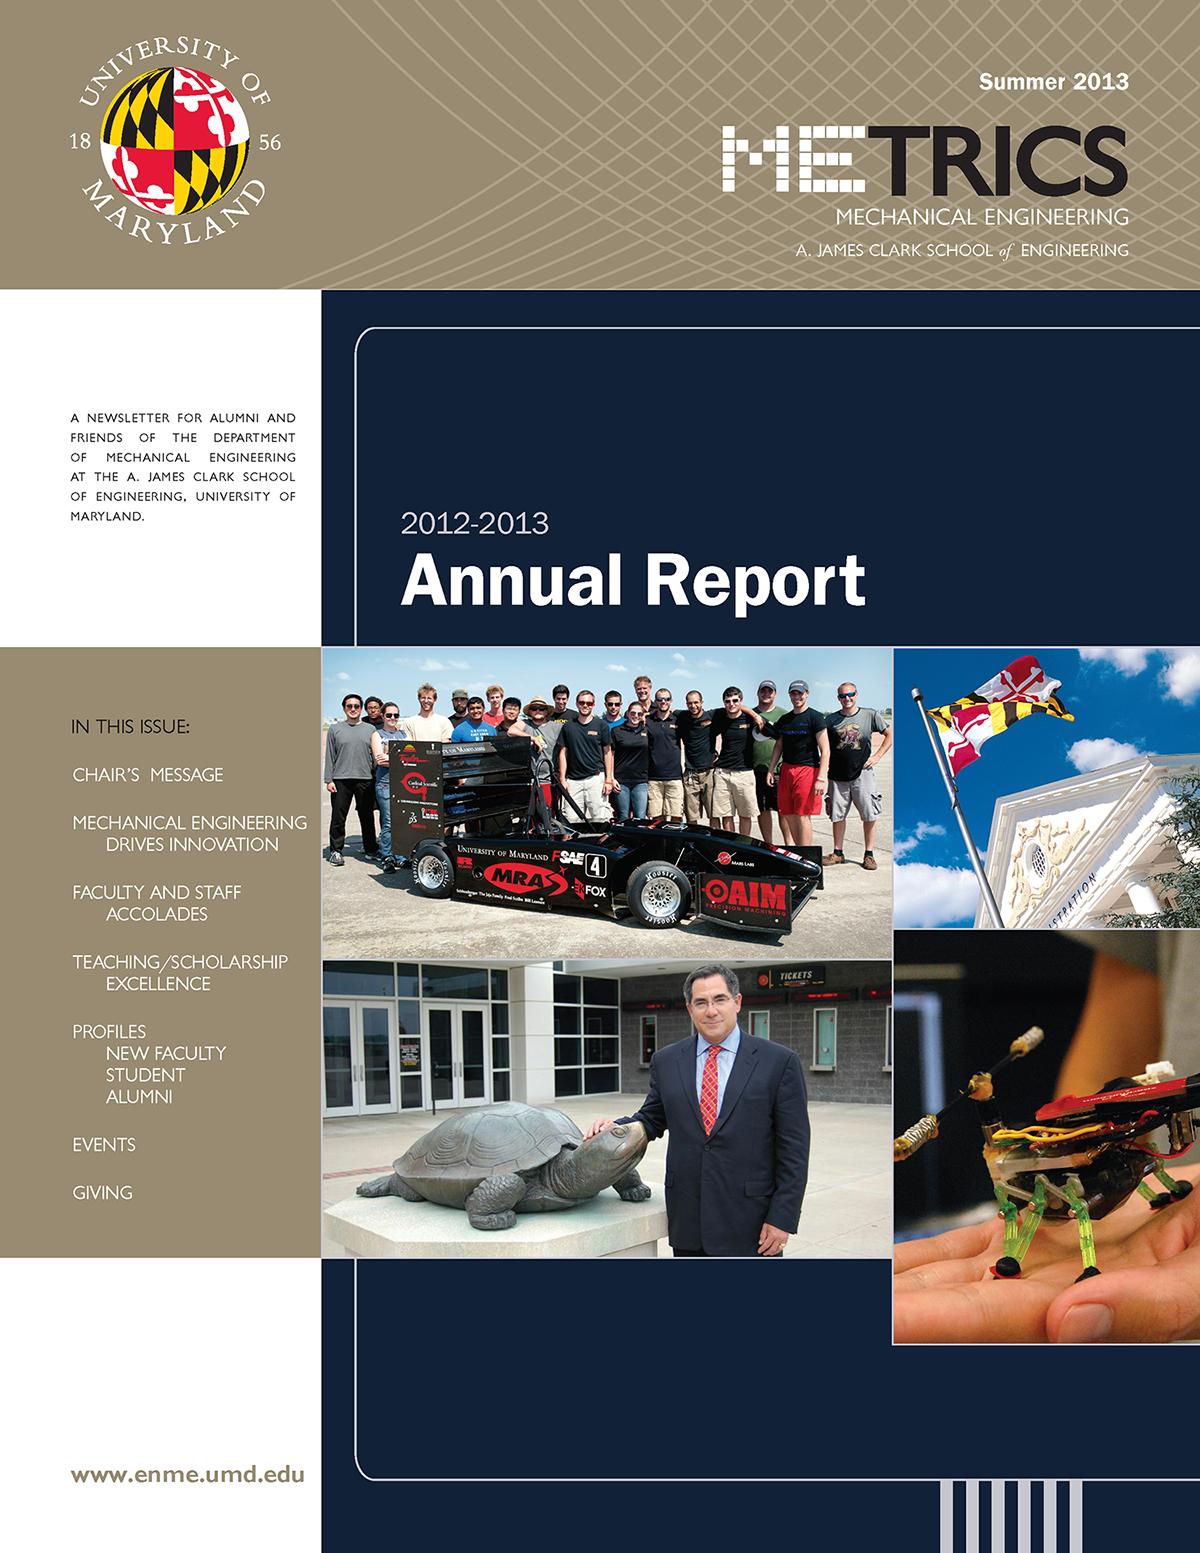 2012-2013 metrics magazine